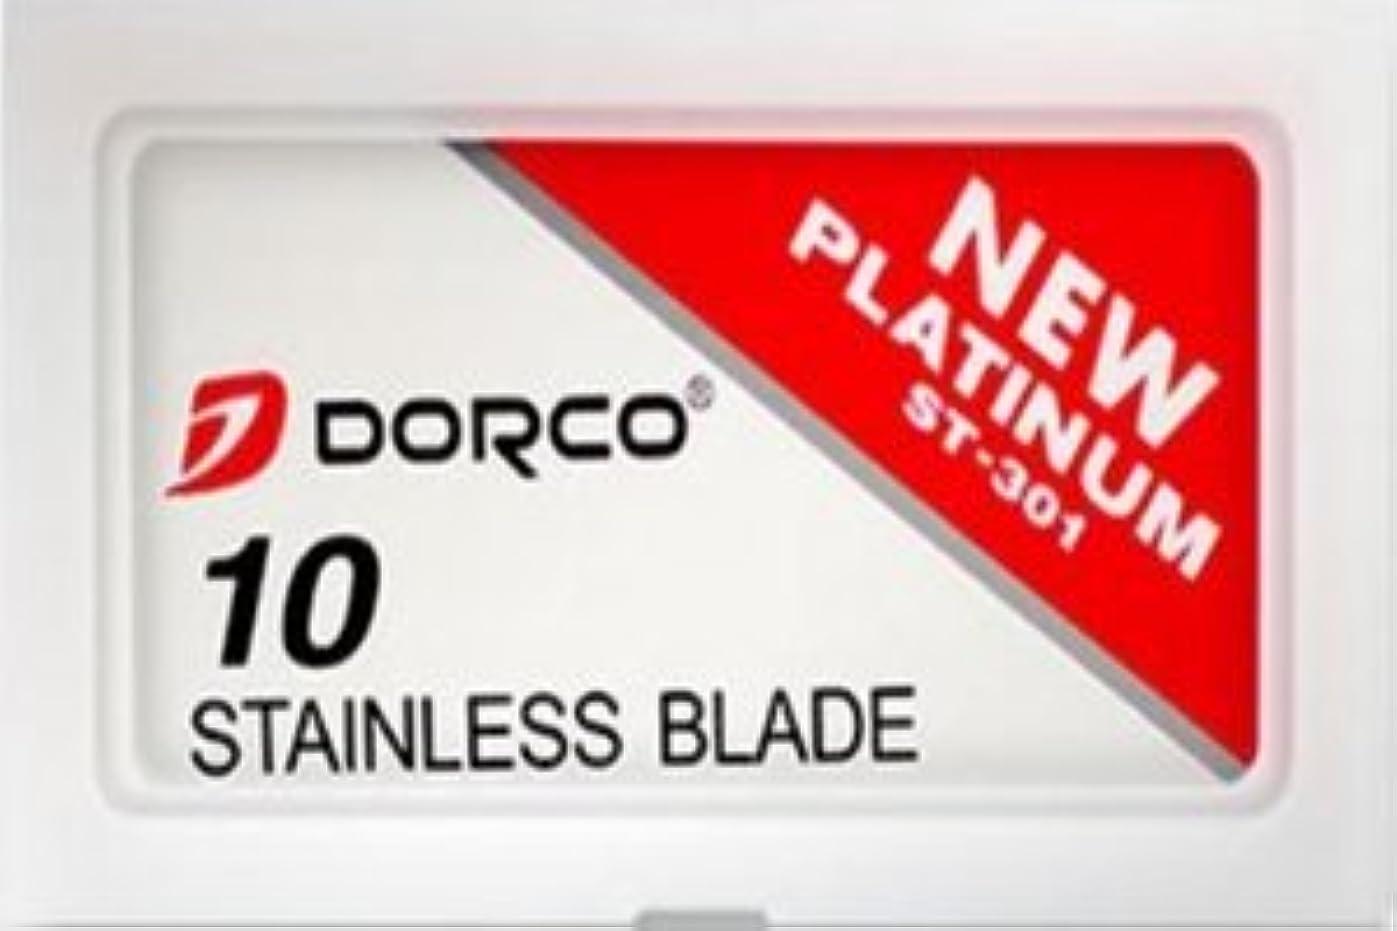 ニックネーム合成巧みなDorco ST-301 Stainless 両刃替刃 10枚入り(10枚入り1 個セット)【並行輸入品】